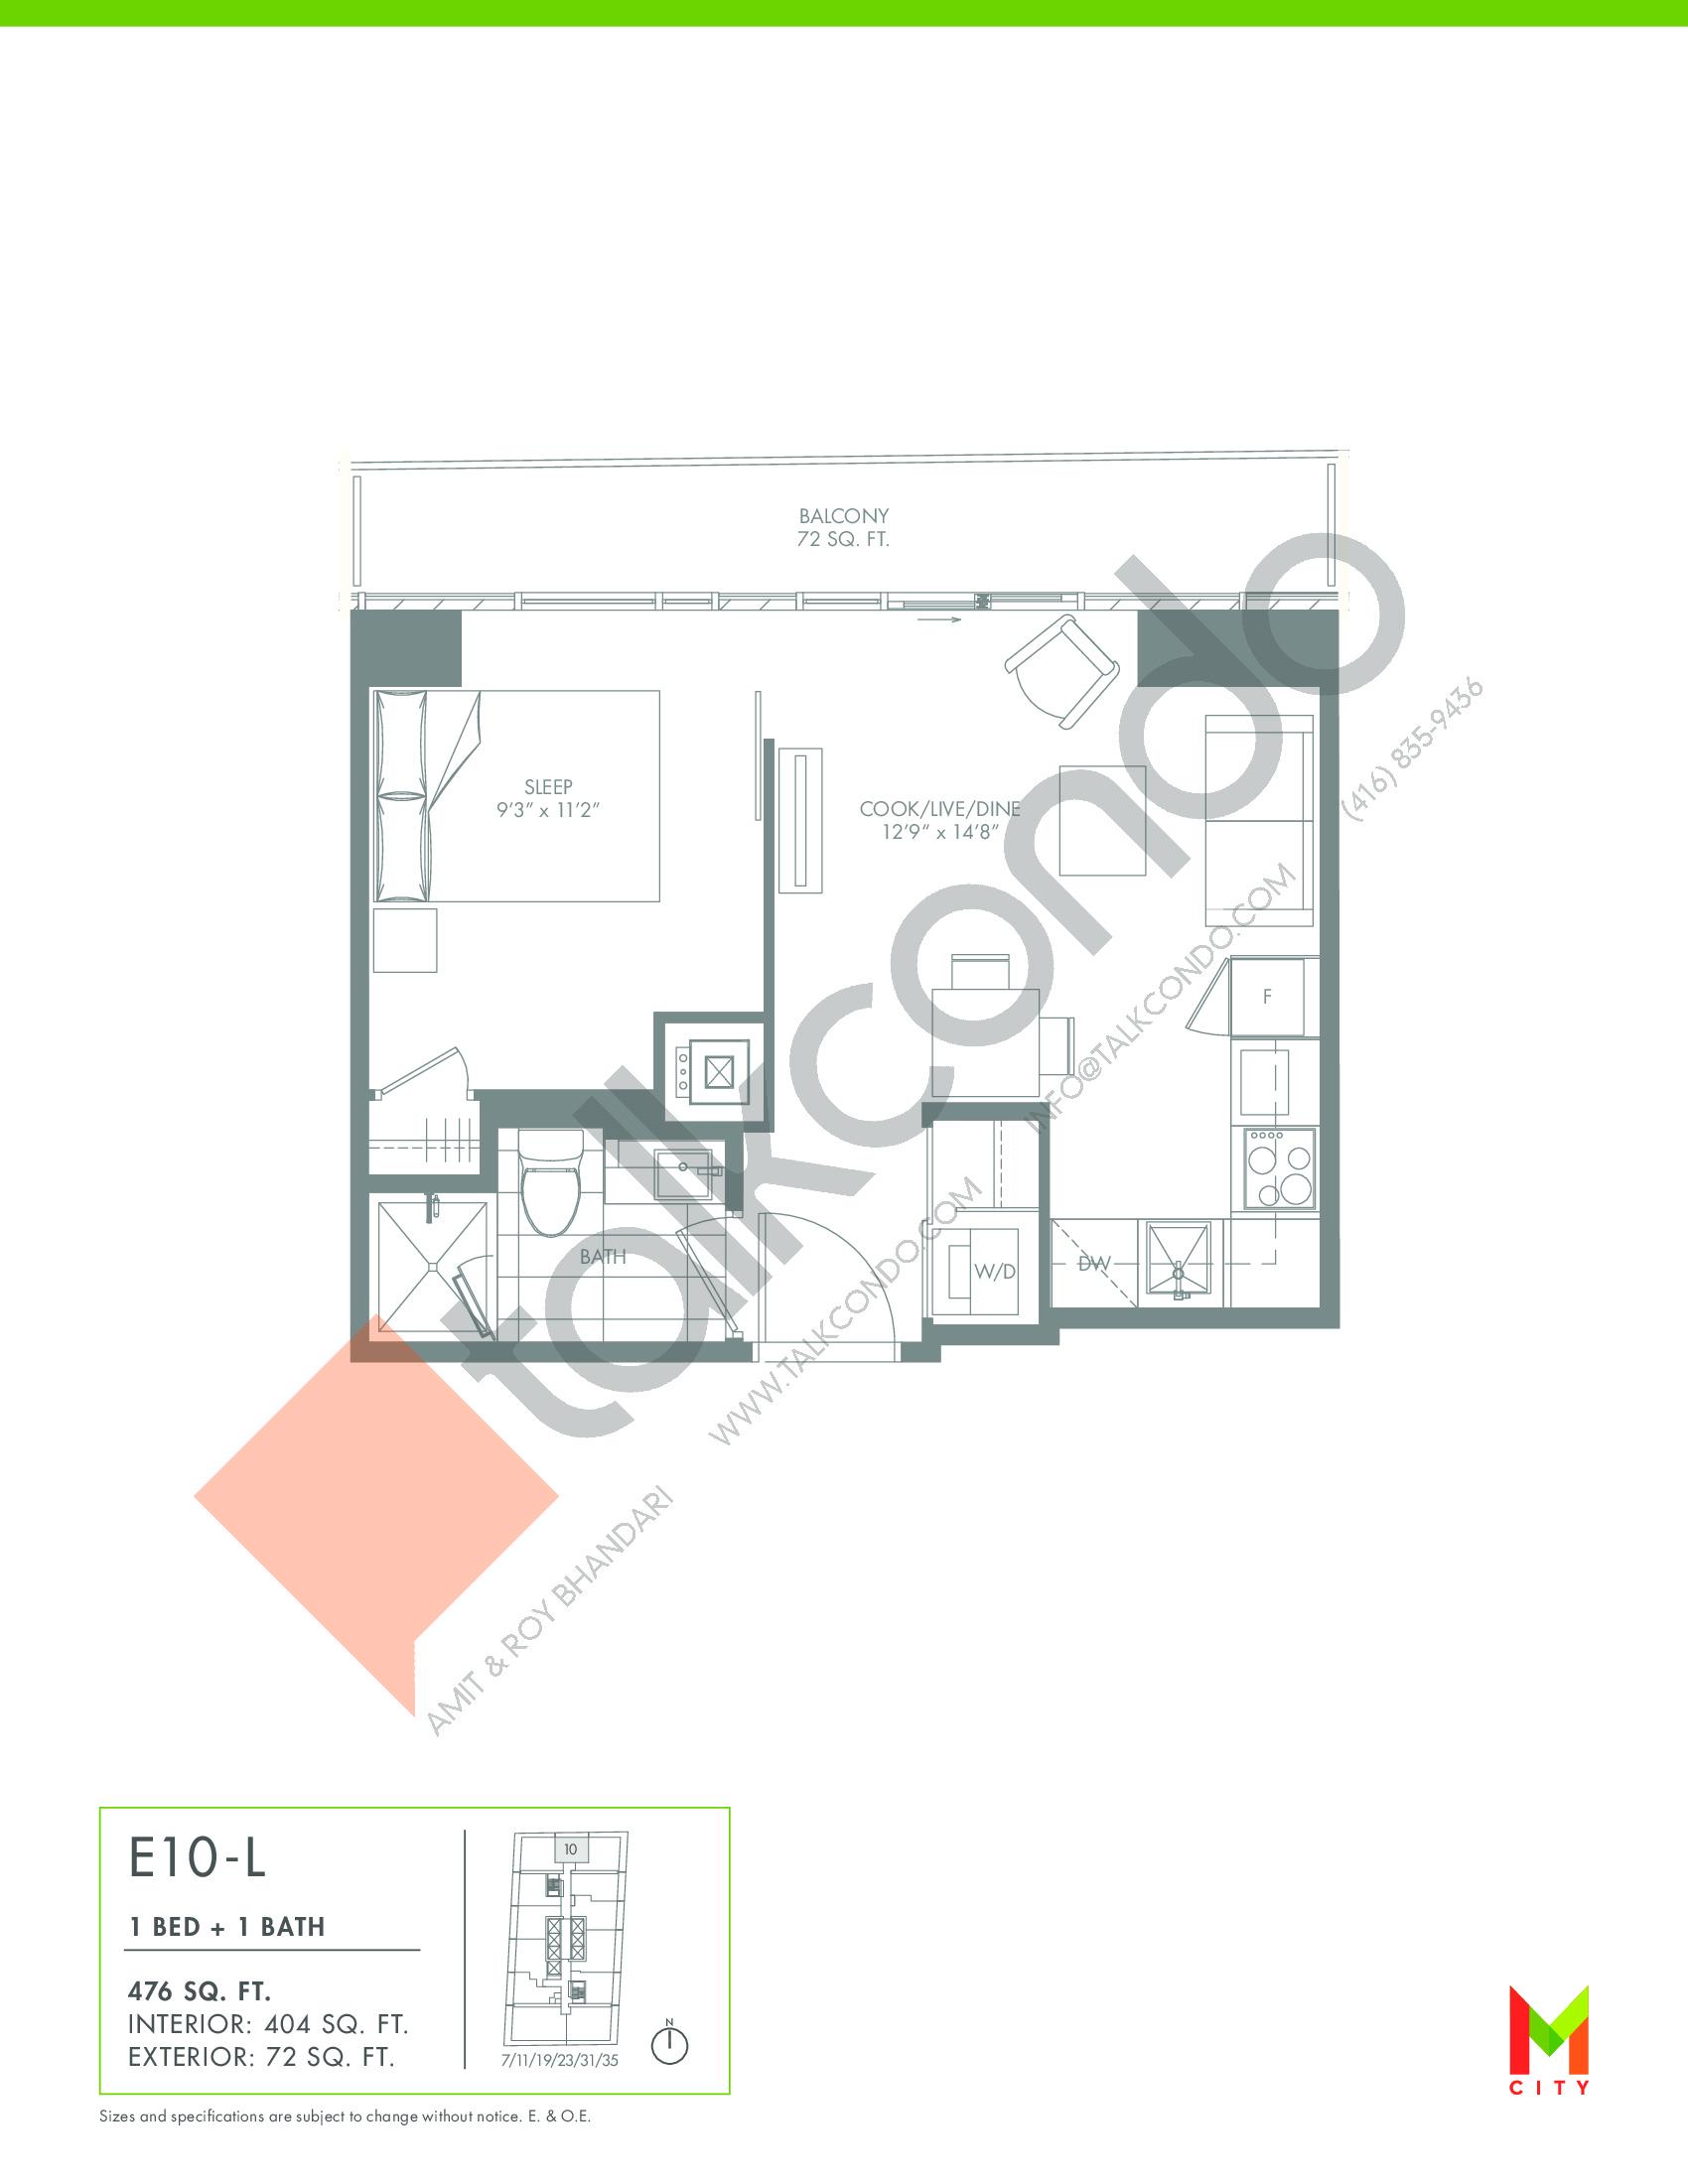 Chicago Condo Mississauga Floor Plans Chicago Condo